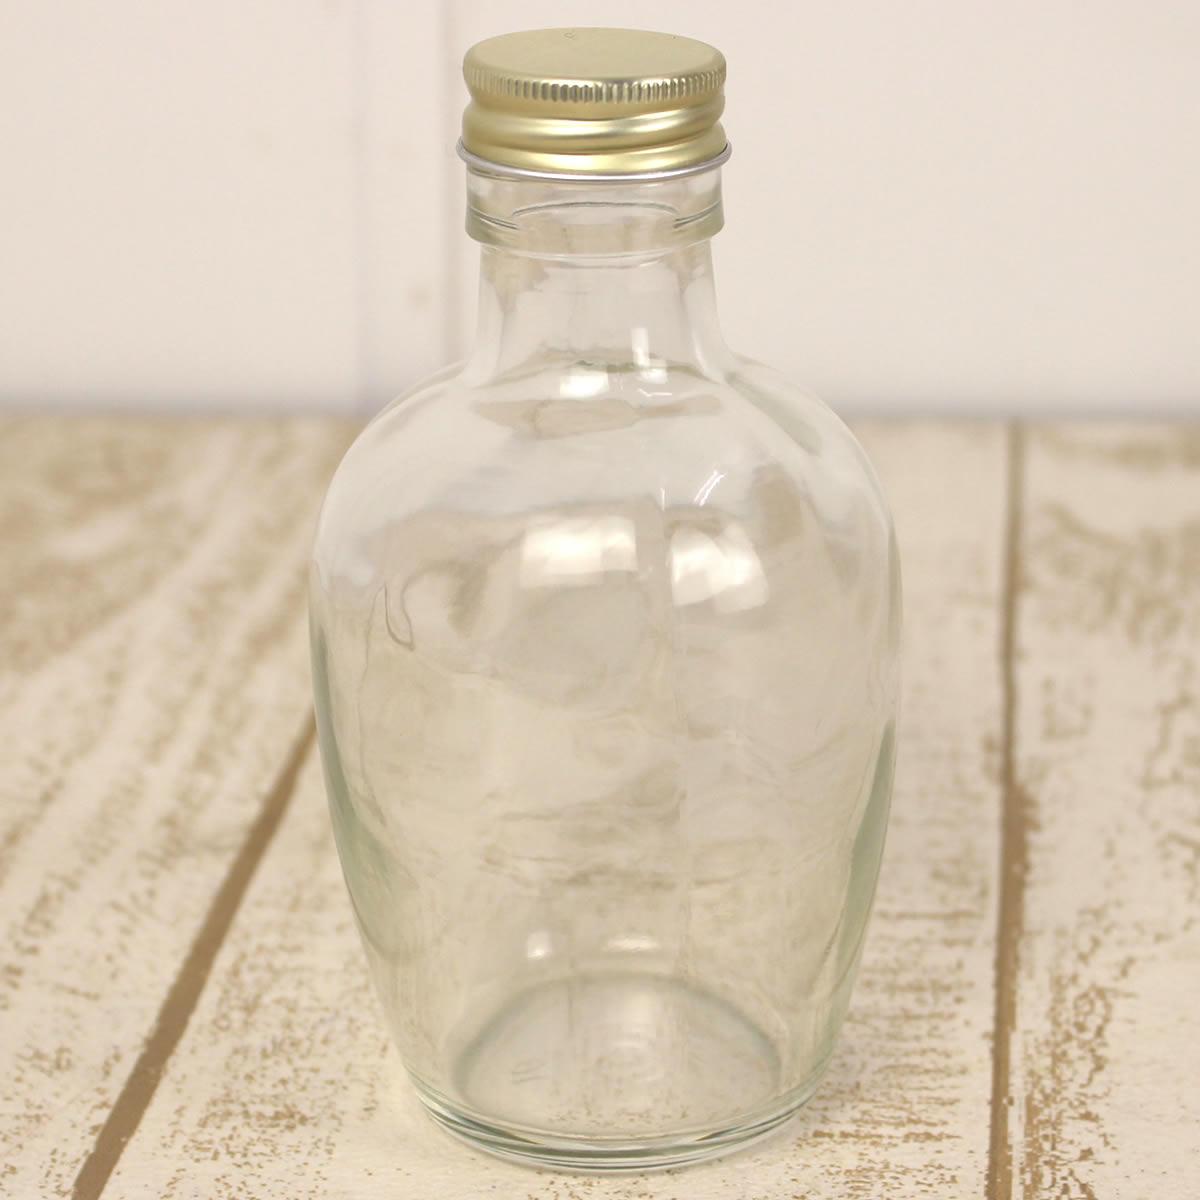 即日★ ハーバリウム瓶(フルーツ)200ml アルミ赤金キャップ付《花資材・道具 ハーバリウム材料 ハーバリウム オイル》